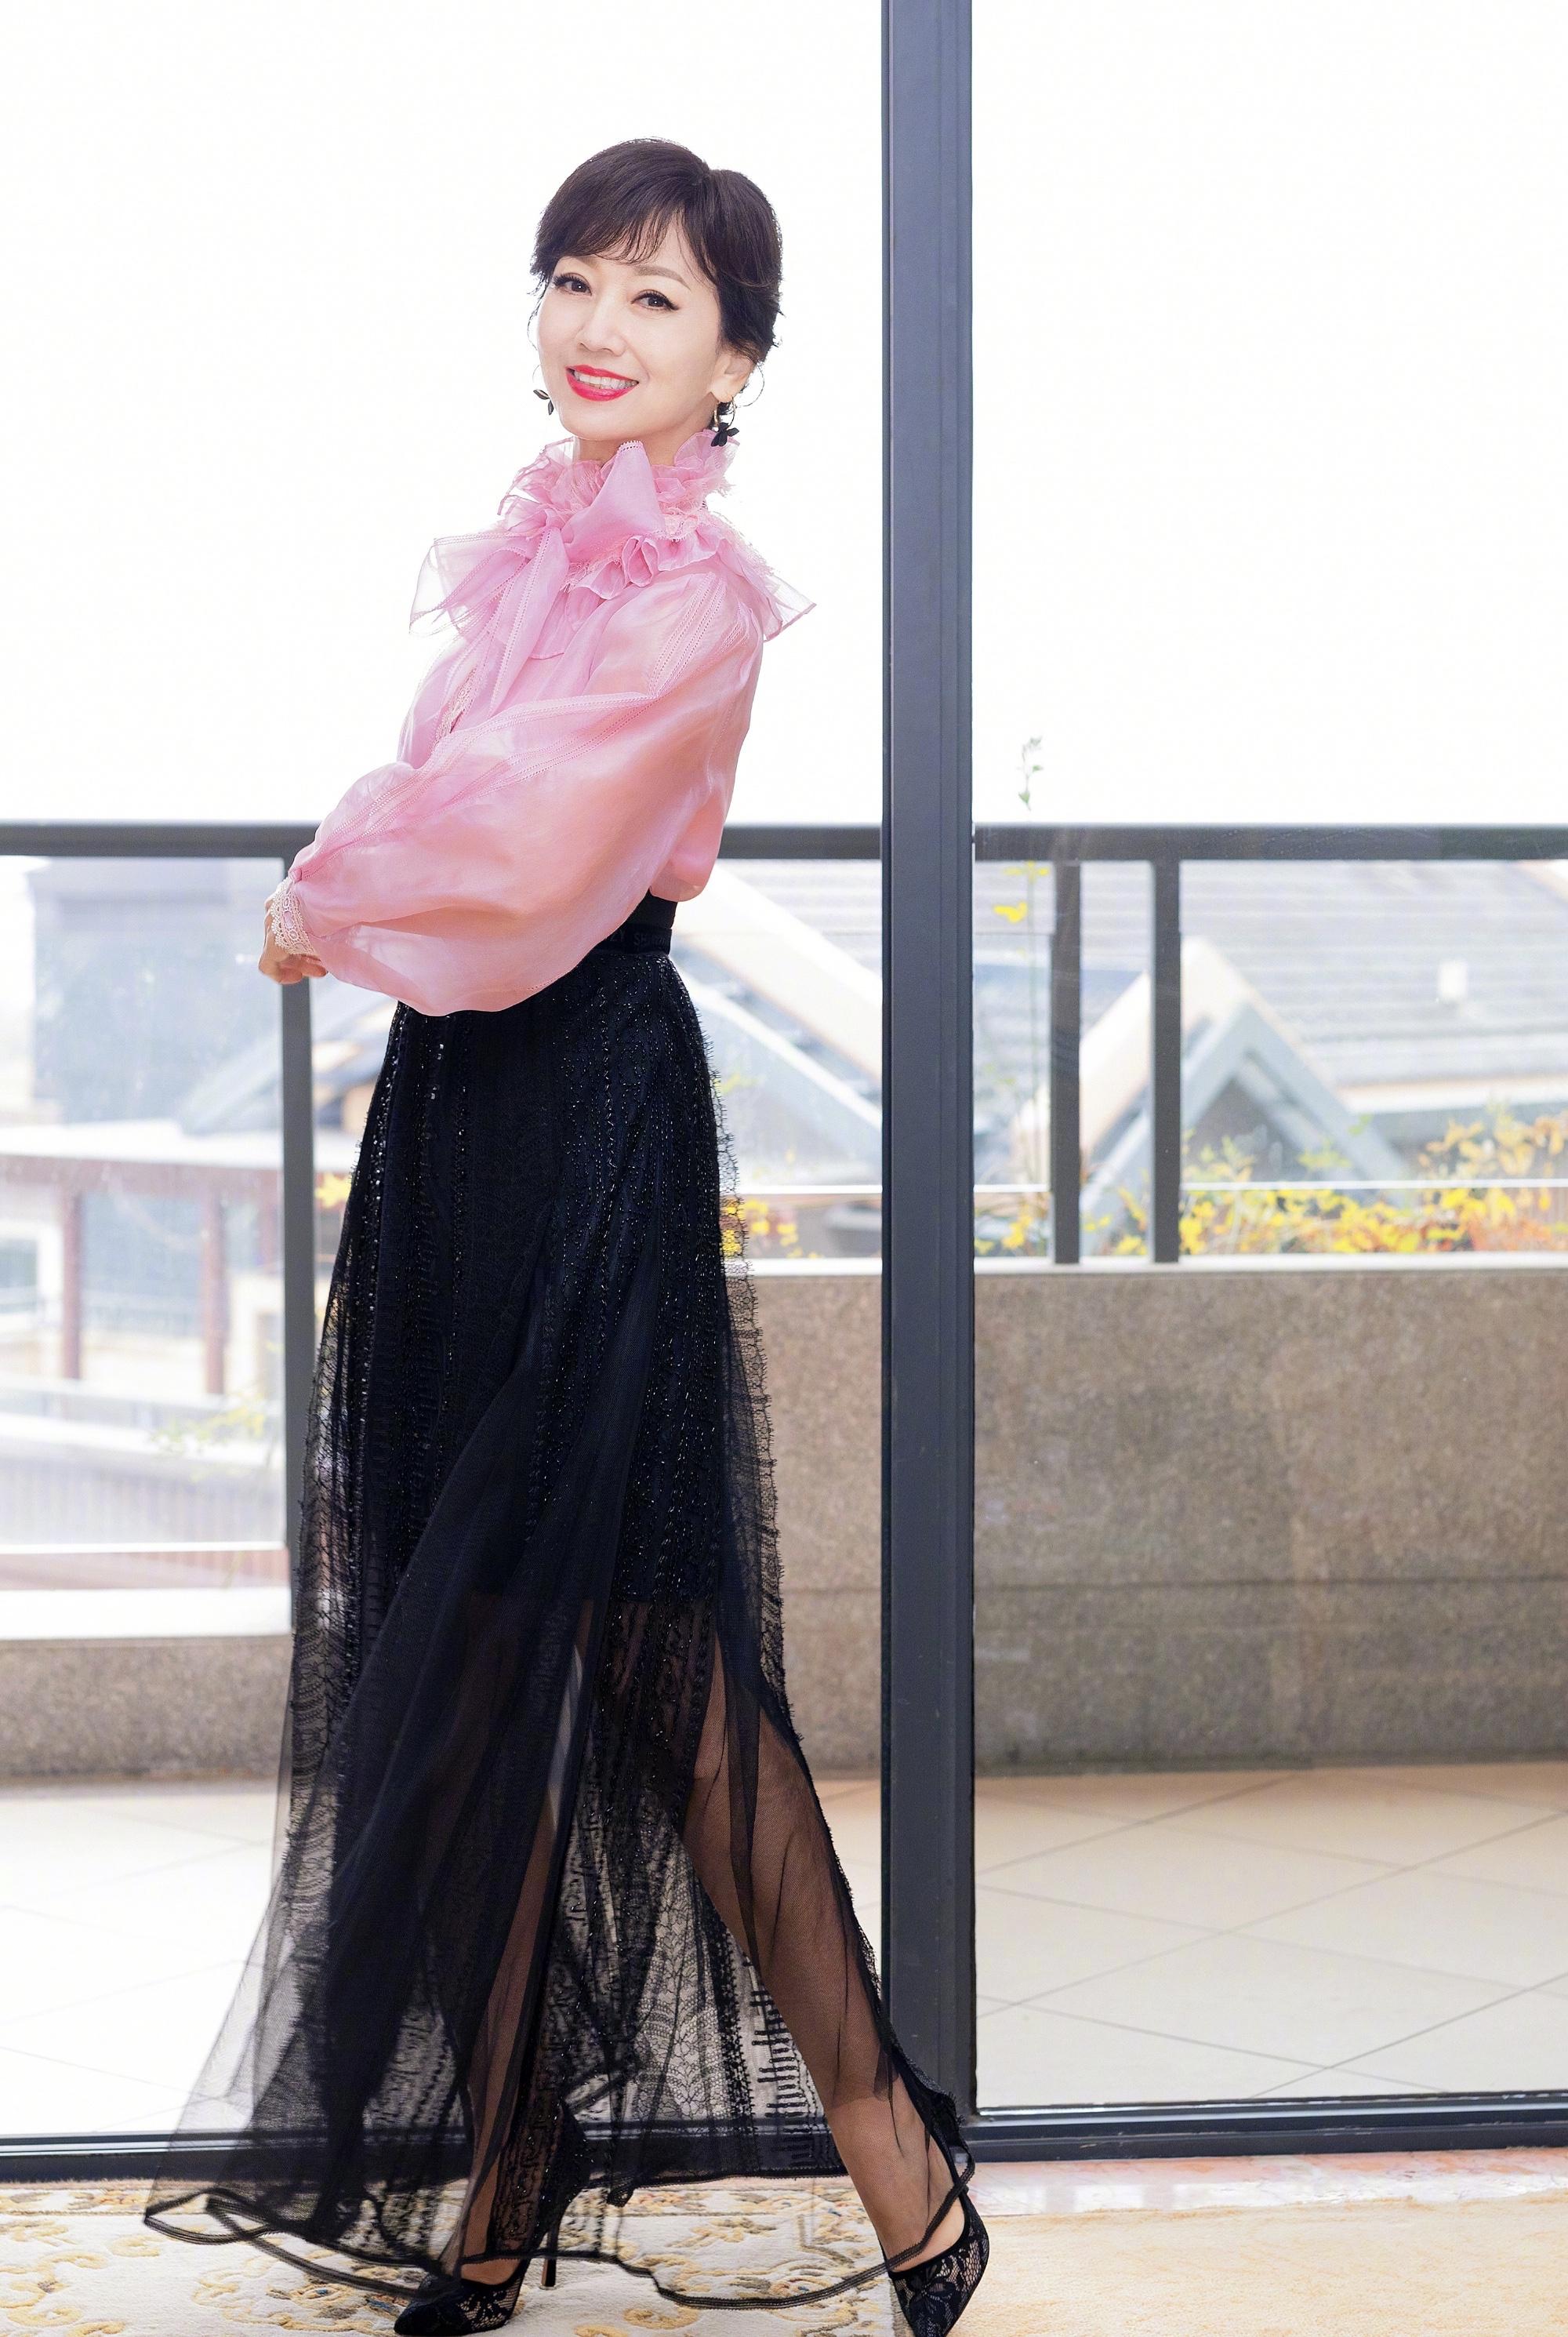 """酒红色雪纺衬衫_65岁赵雅芝出席活动,穿长款皮衣裙气质不输当年,美回""""白娘子 ..."""